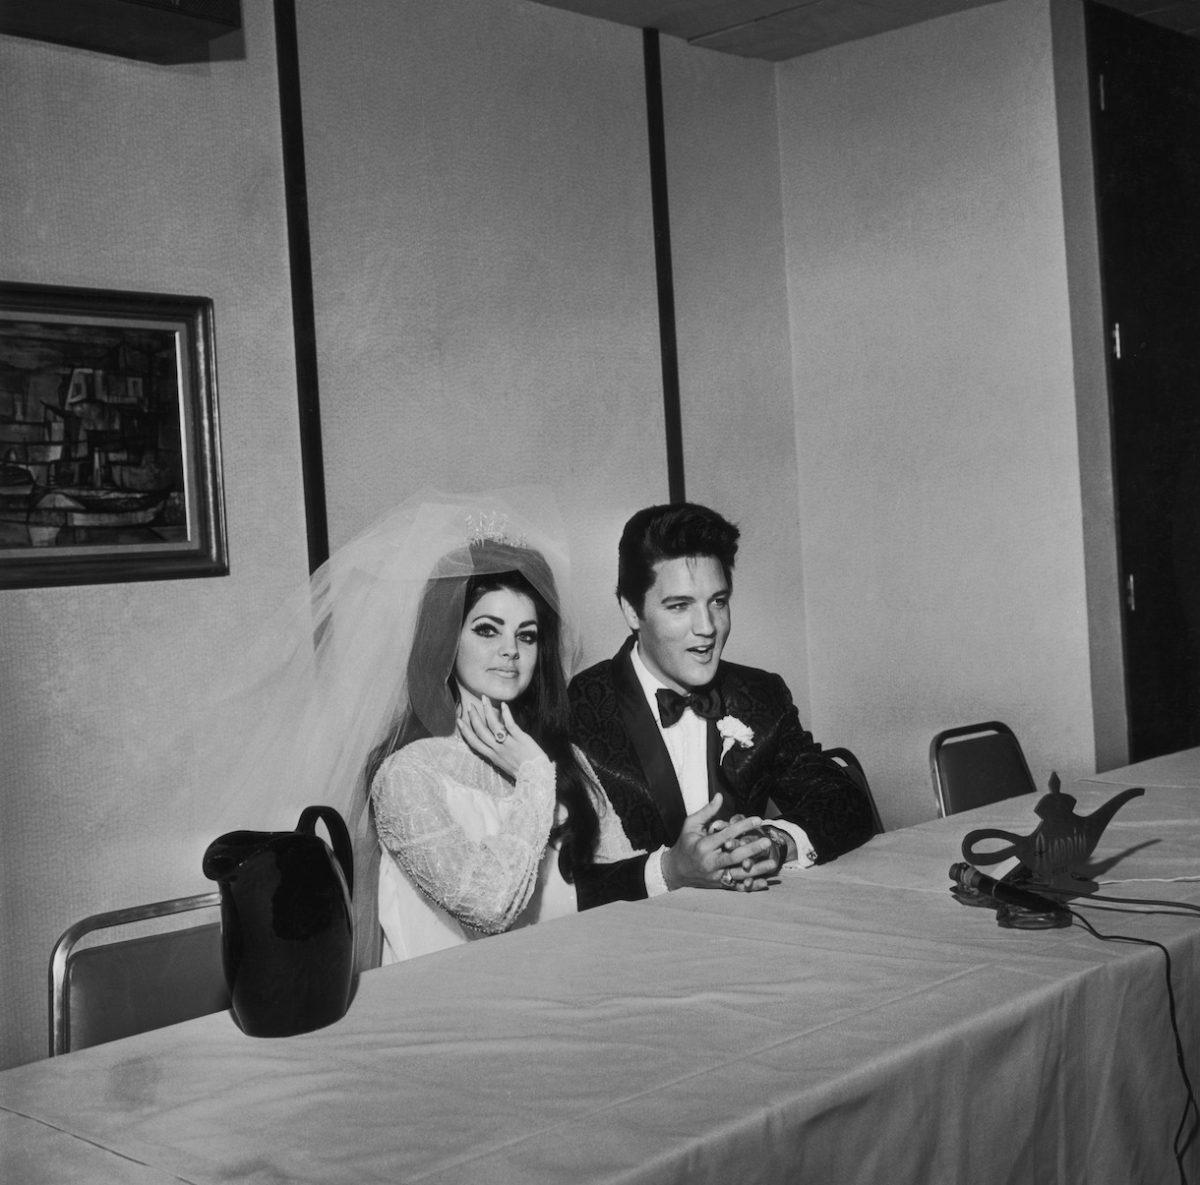 Le mariage de Presley